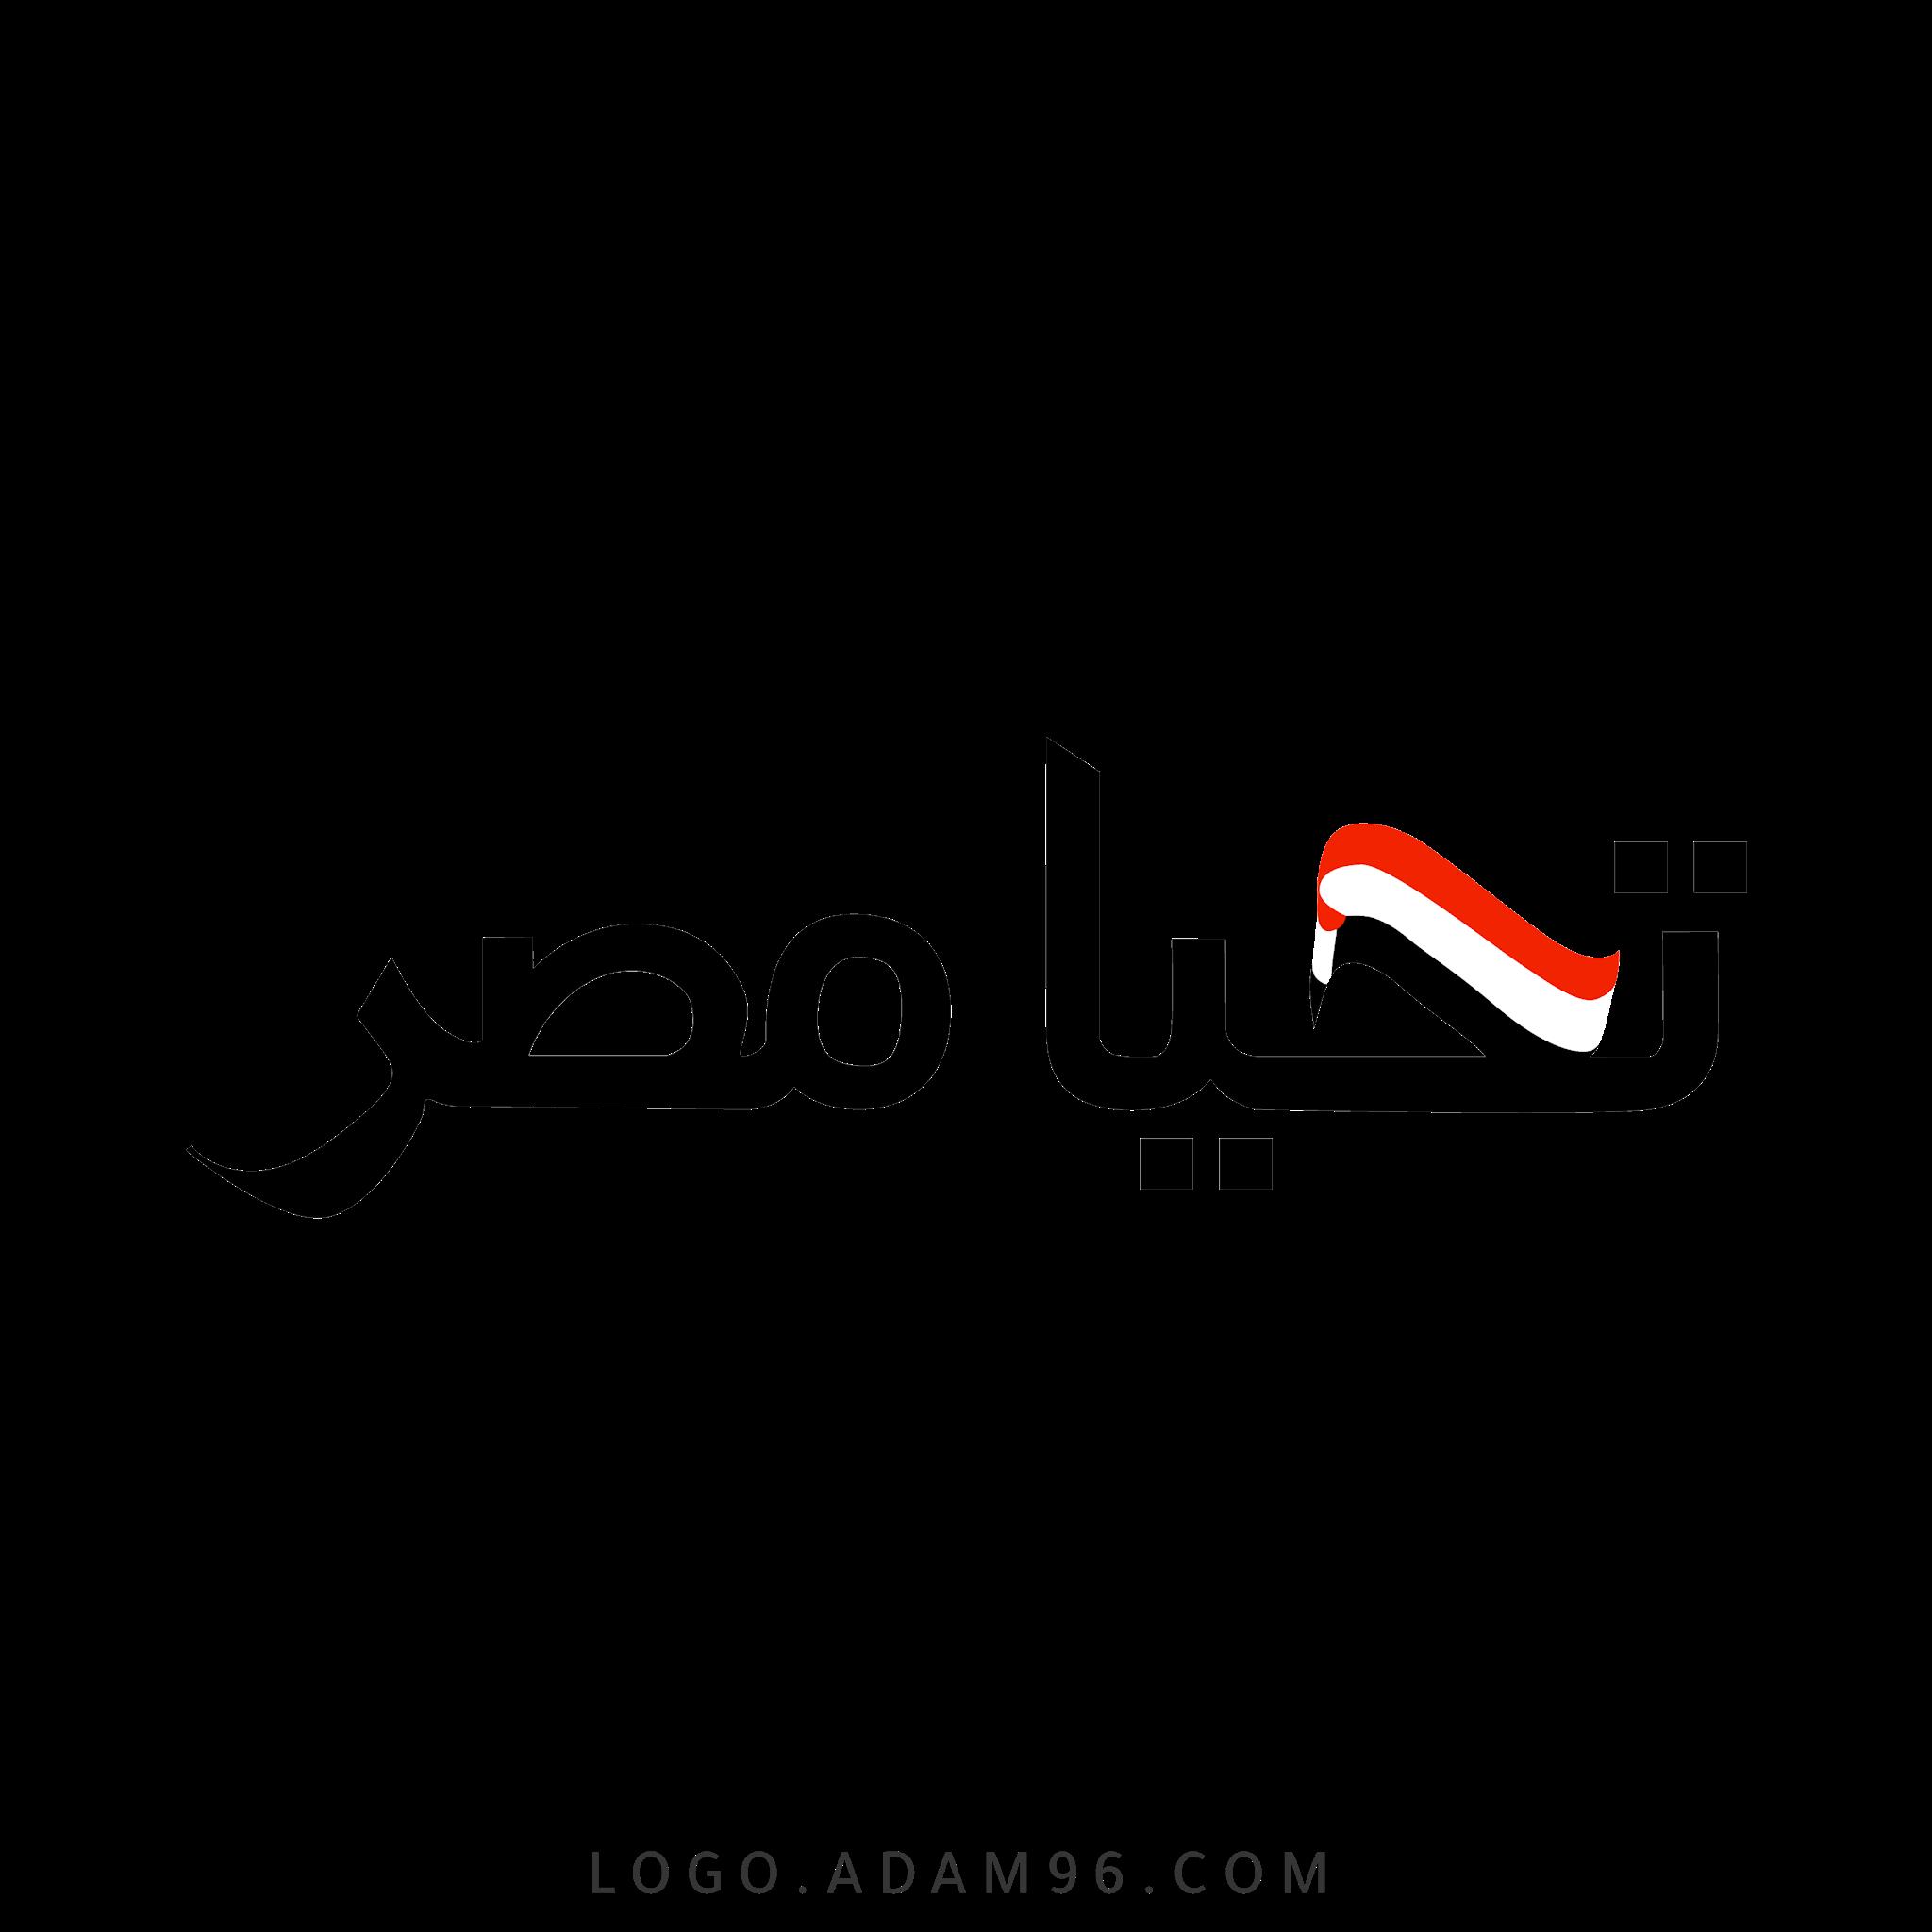 تحميل شعار تحيا مصر لوجو رسمي عالي الجودة بصيغة PNG